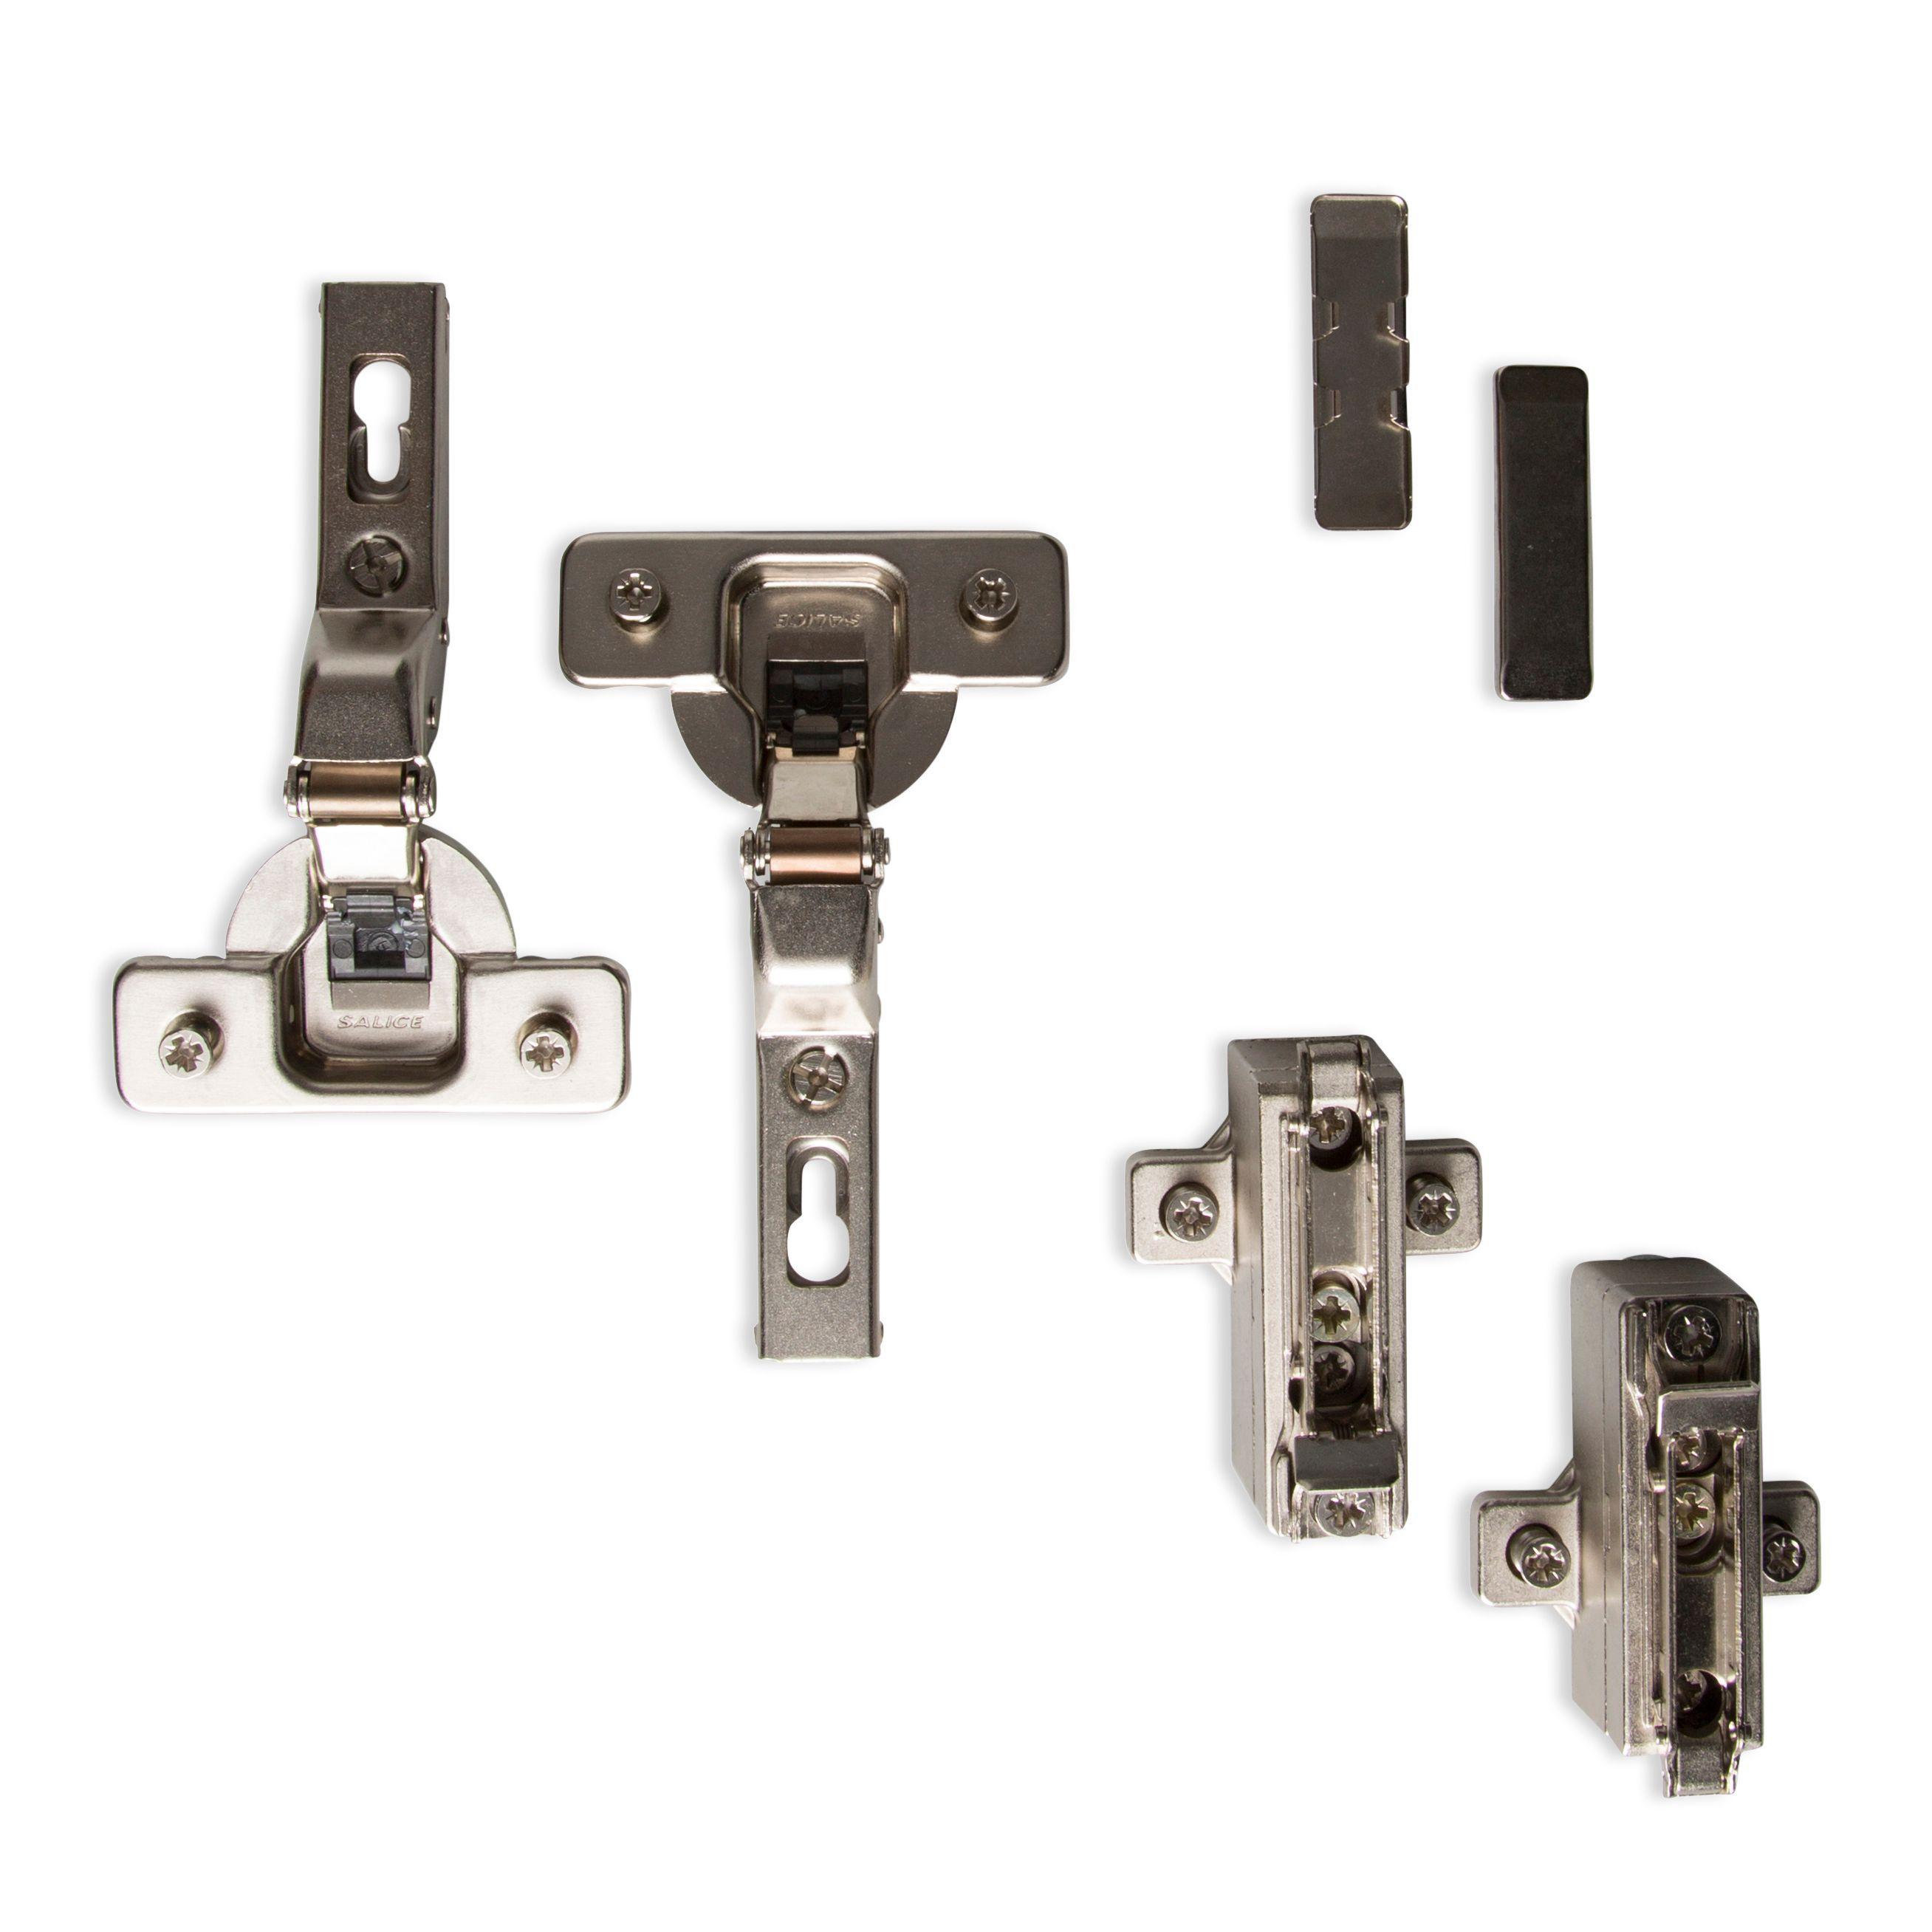 Cooke lewis concealed framed door hinge set of 1 for Concealed door hinges